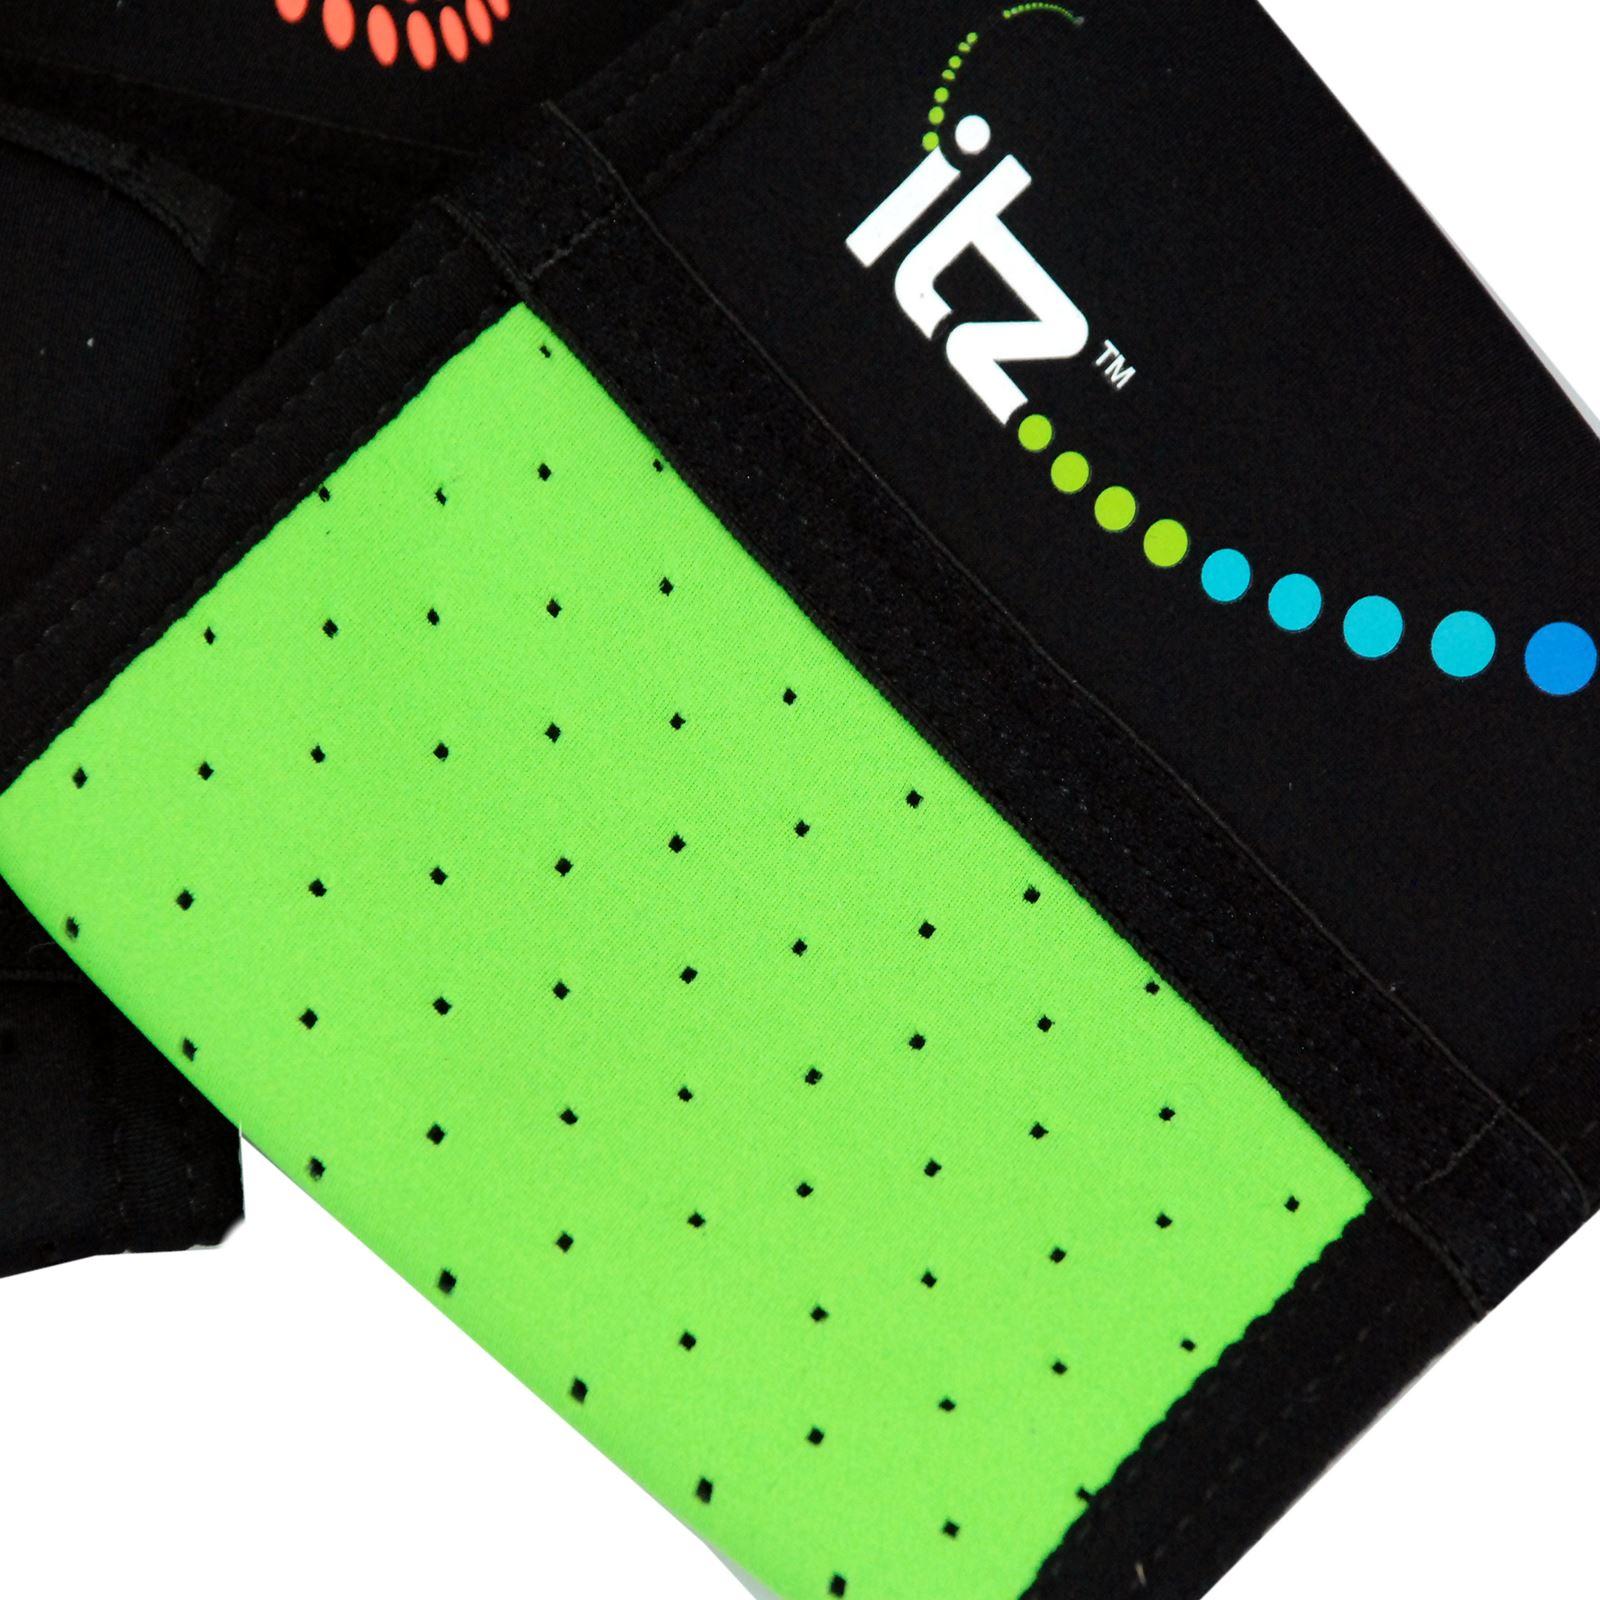 ITZ Arm Wallet Pocket Running Jogging Yoga Fitness Coins Money Keys Wallet